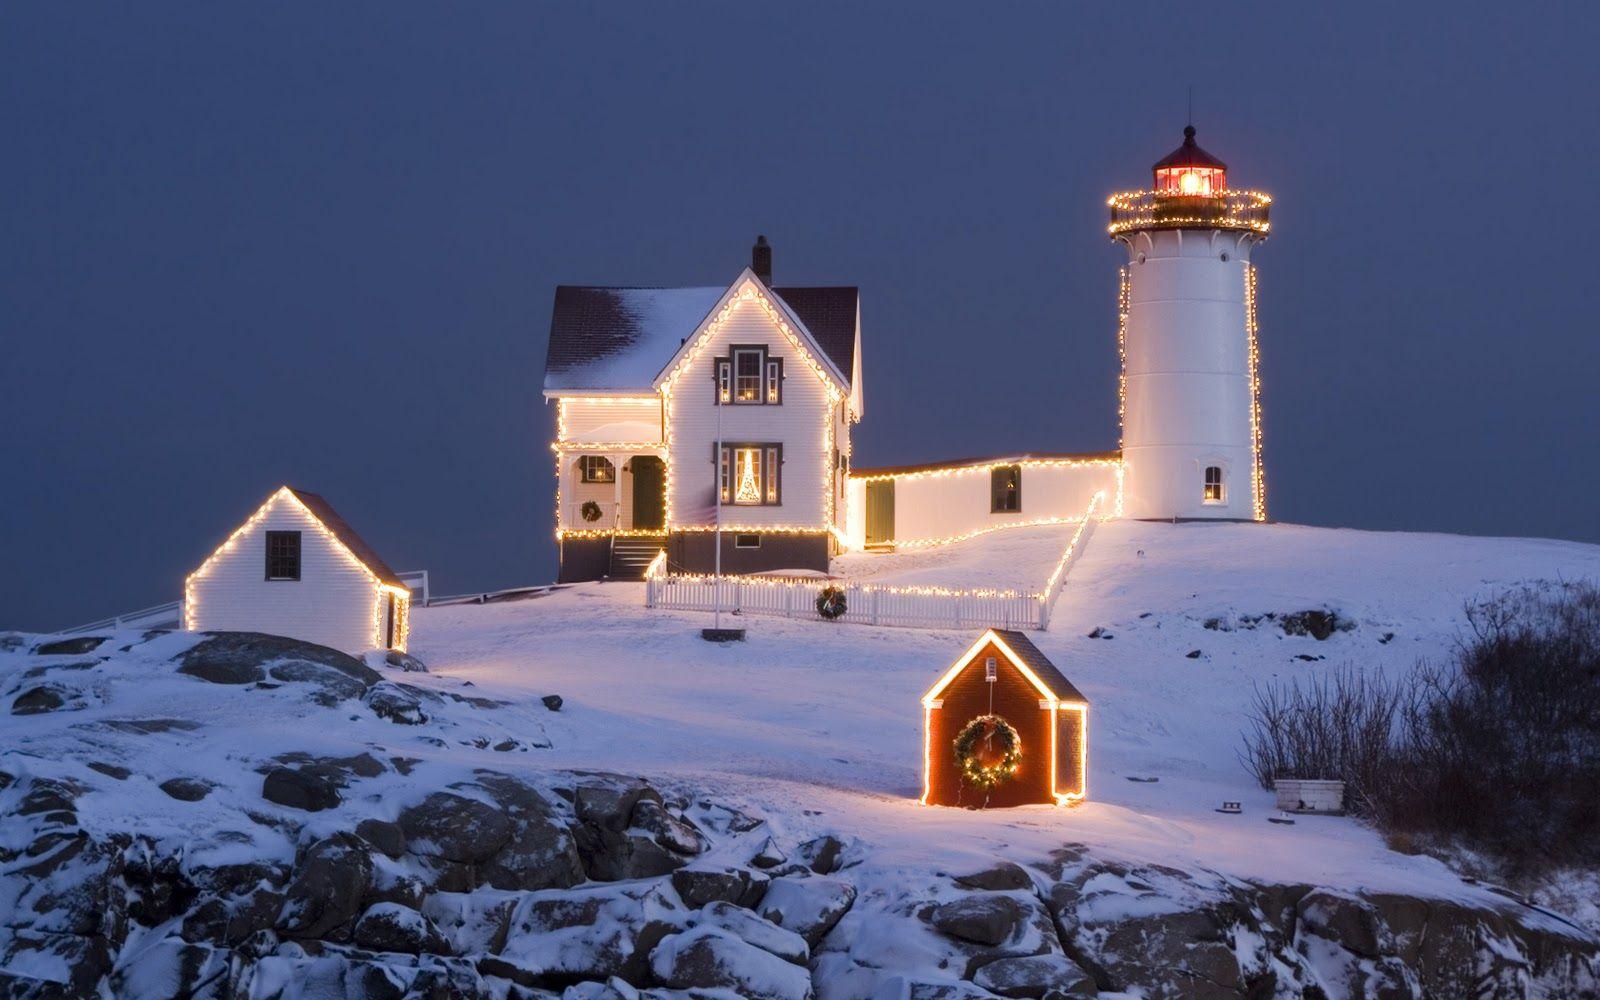 Christmas-lighthouse-and-house-with-christmas-lights ...